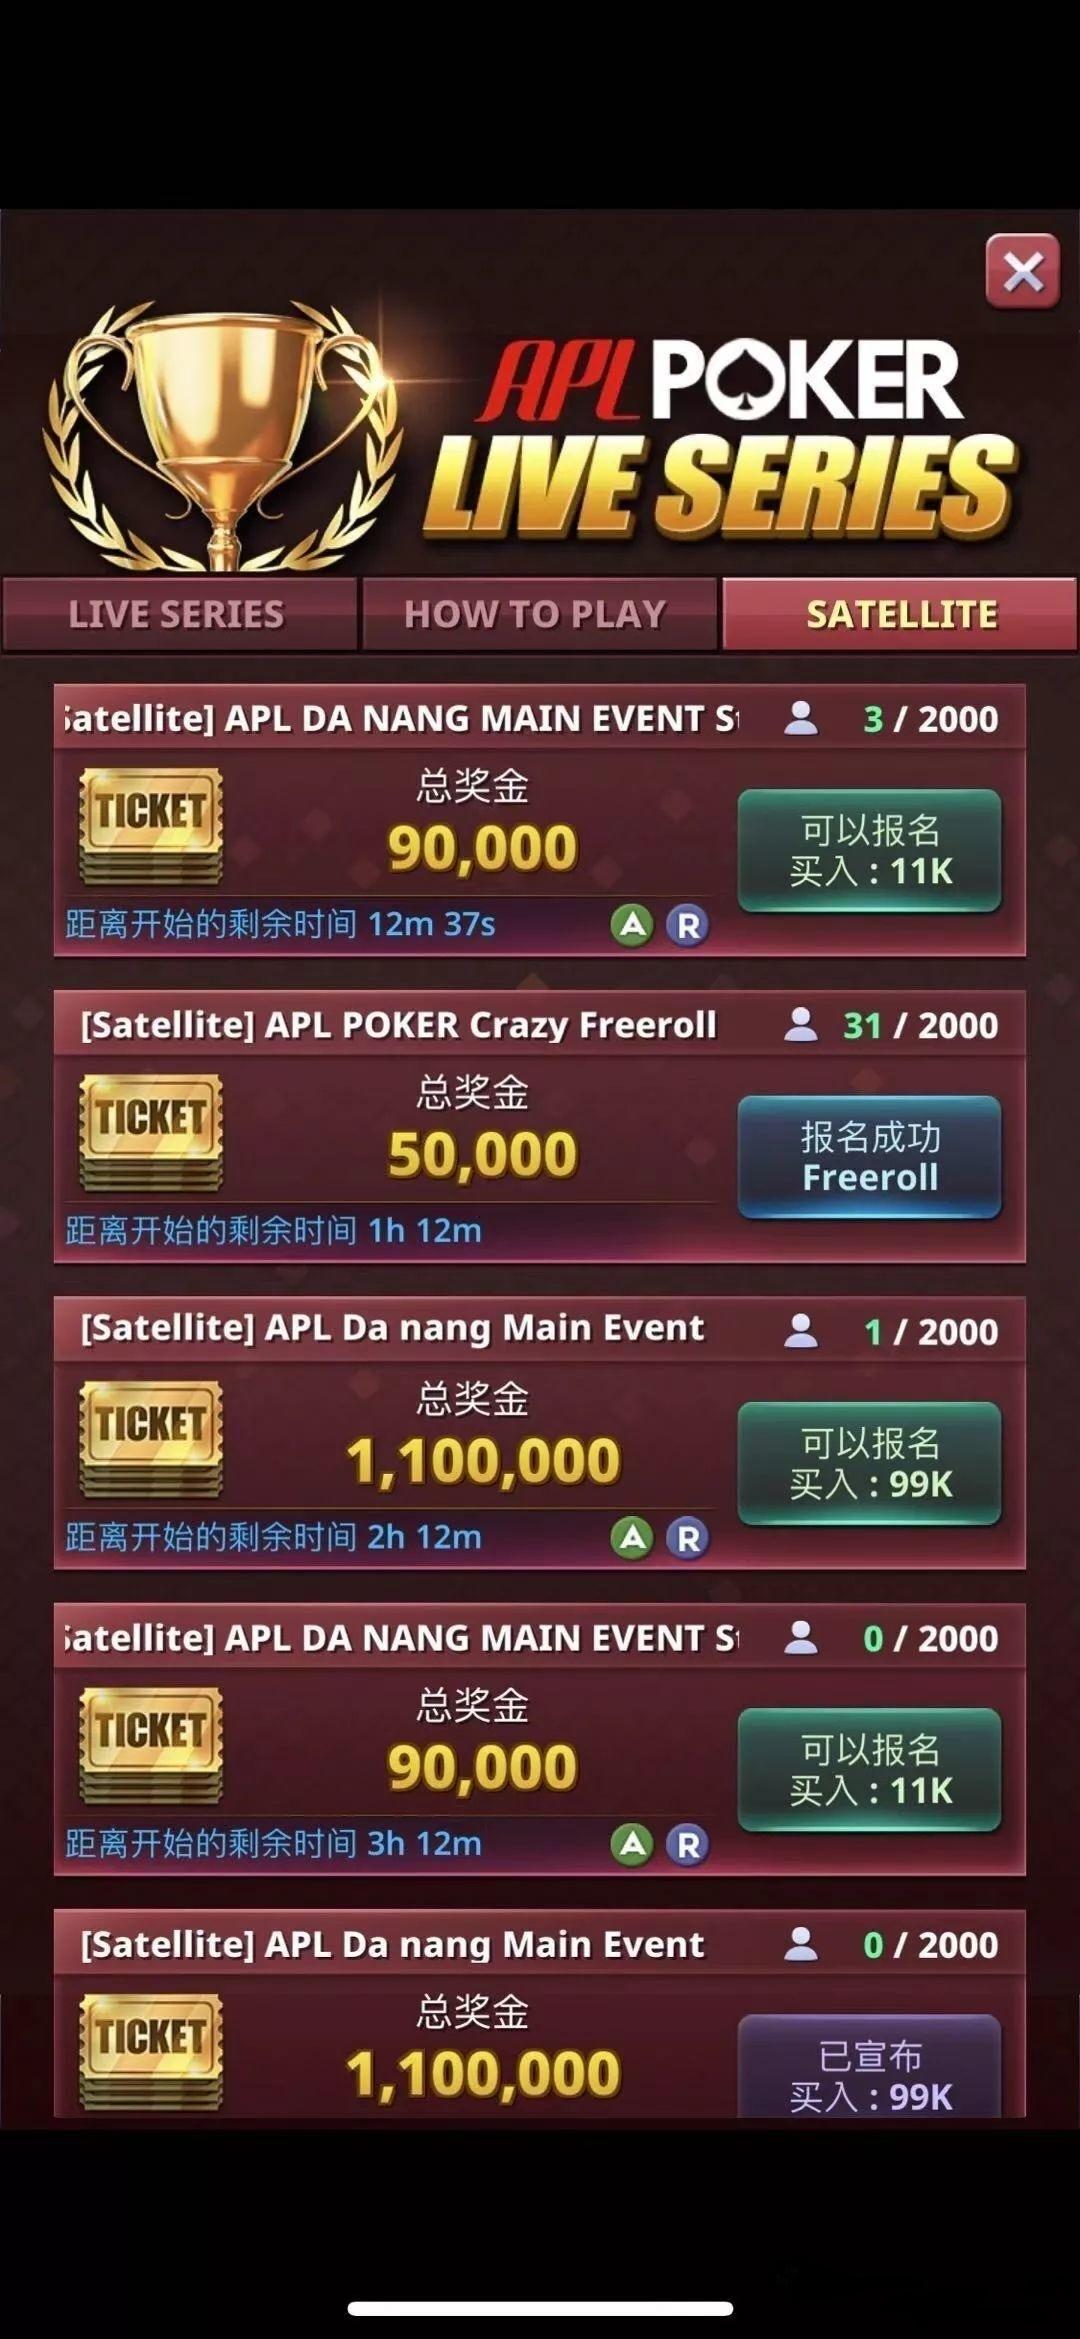 亚洲扑克联盟